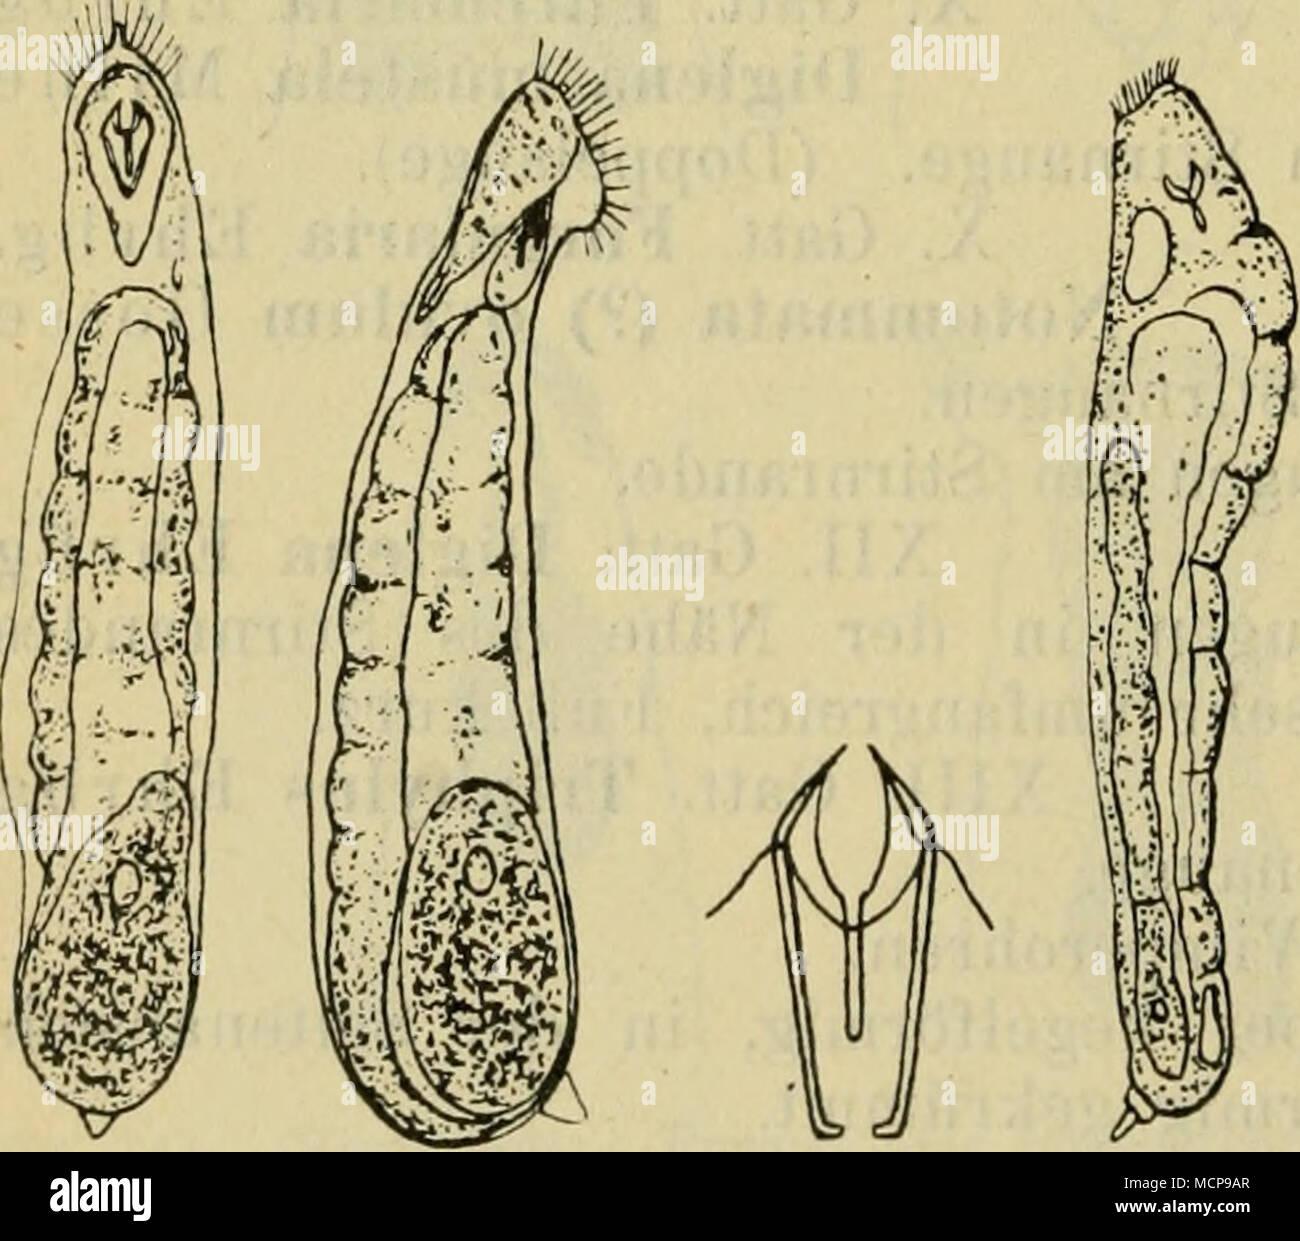 Wunderbar Kostenlose Online Anatomie Bilder - Menschliche Anatomie ...